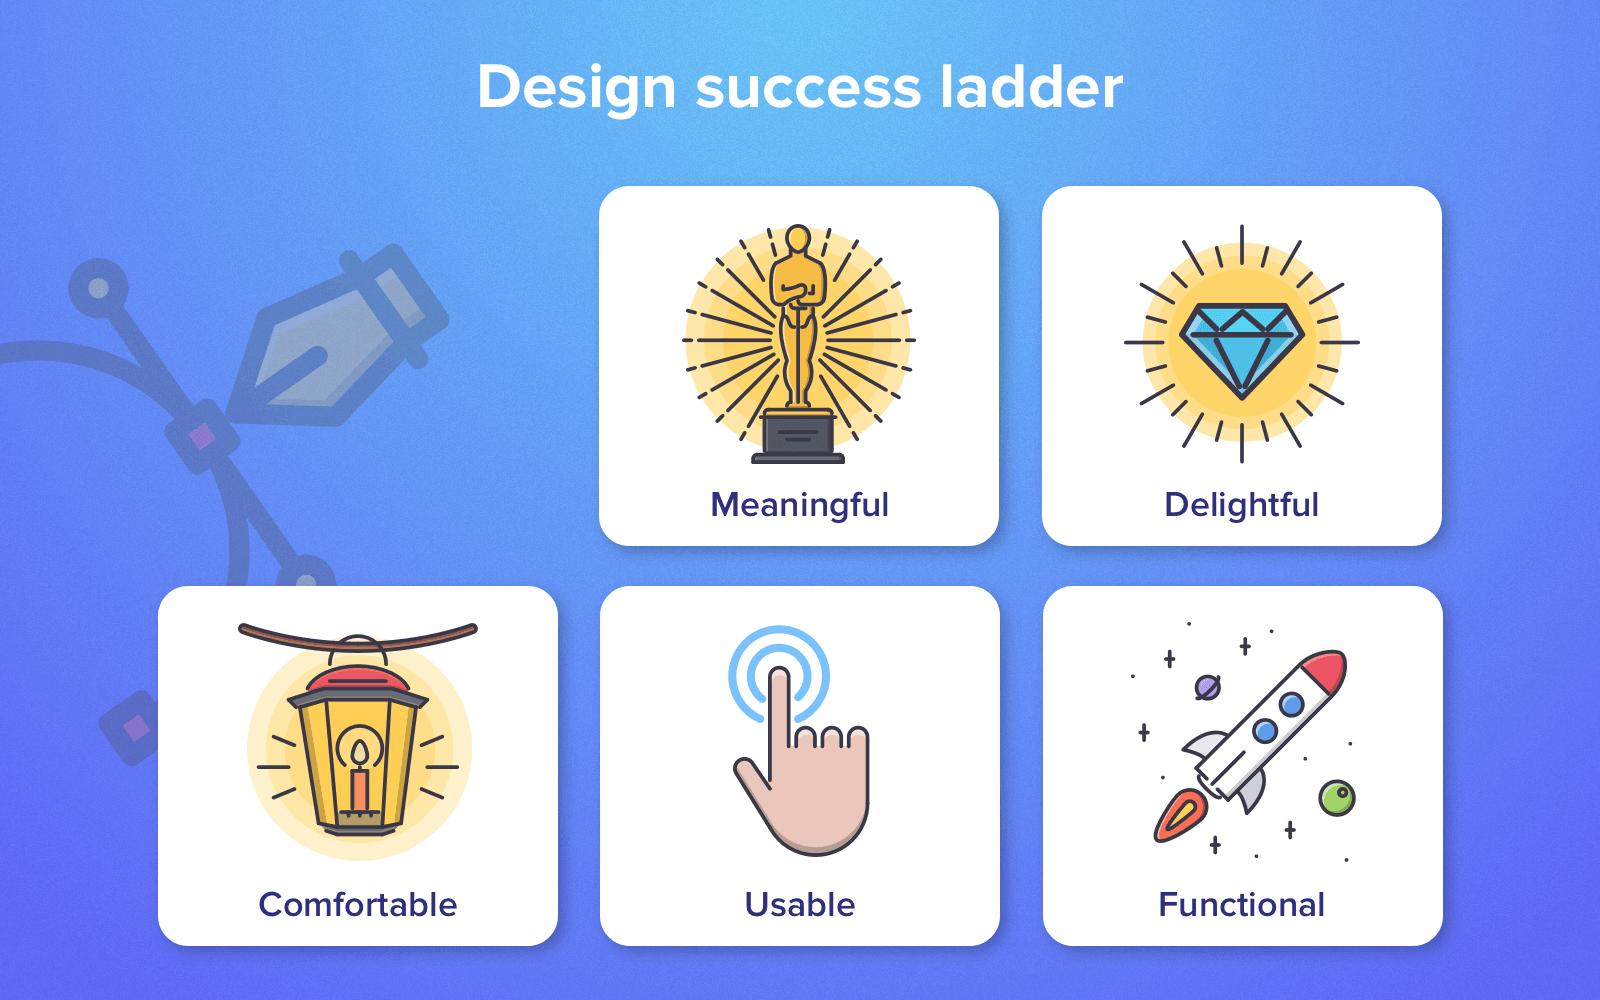 Design Success Ladder for enterprise UX